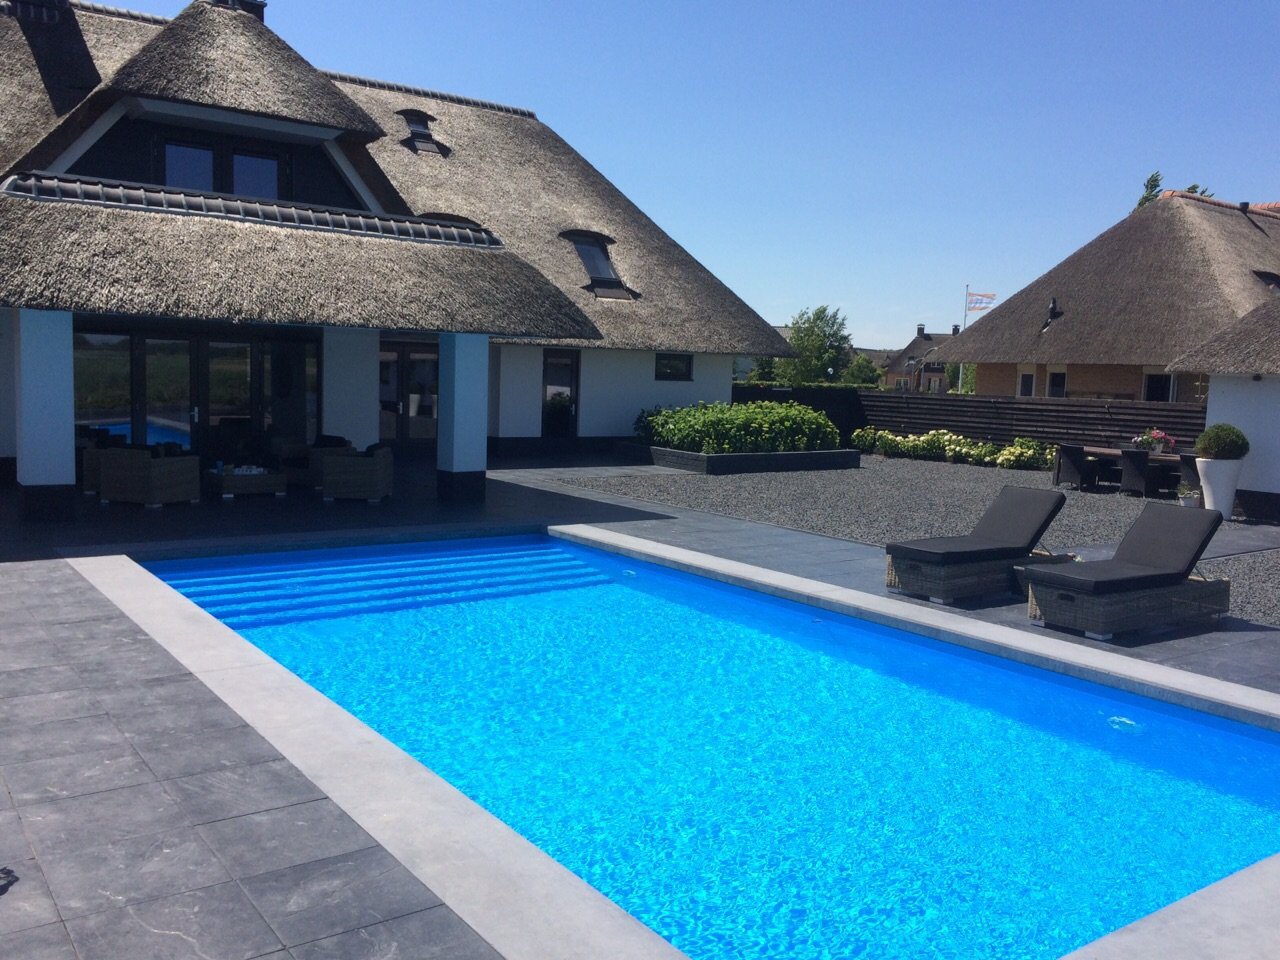 30 ingebouwd zwembad kostprijs winterafdekkingen for Ingebouwd zwembad zelf maken